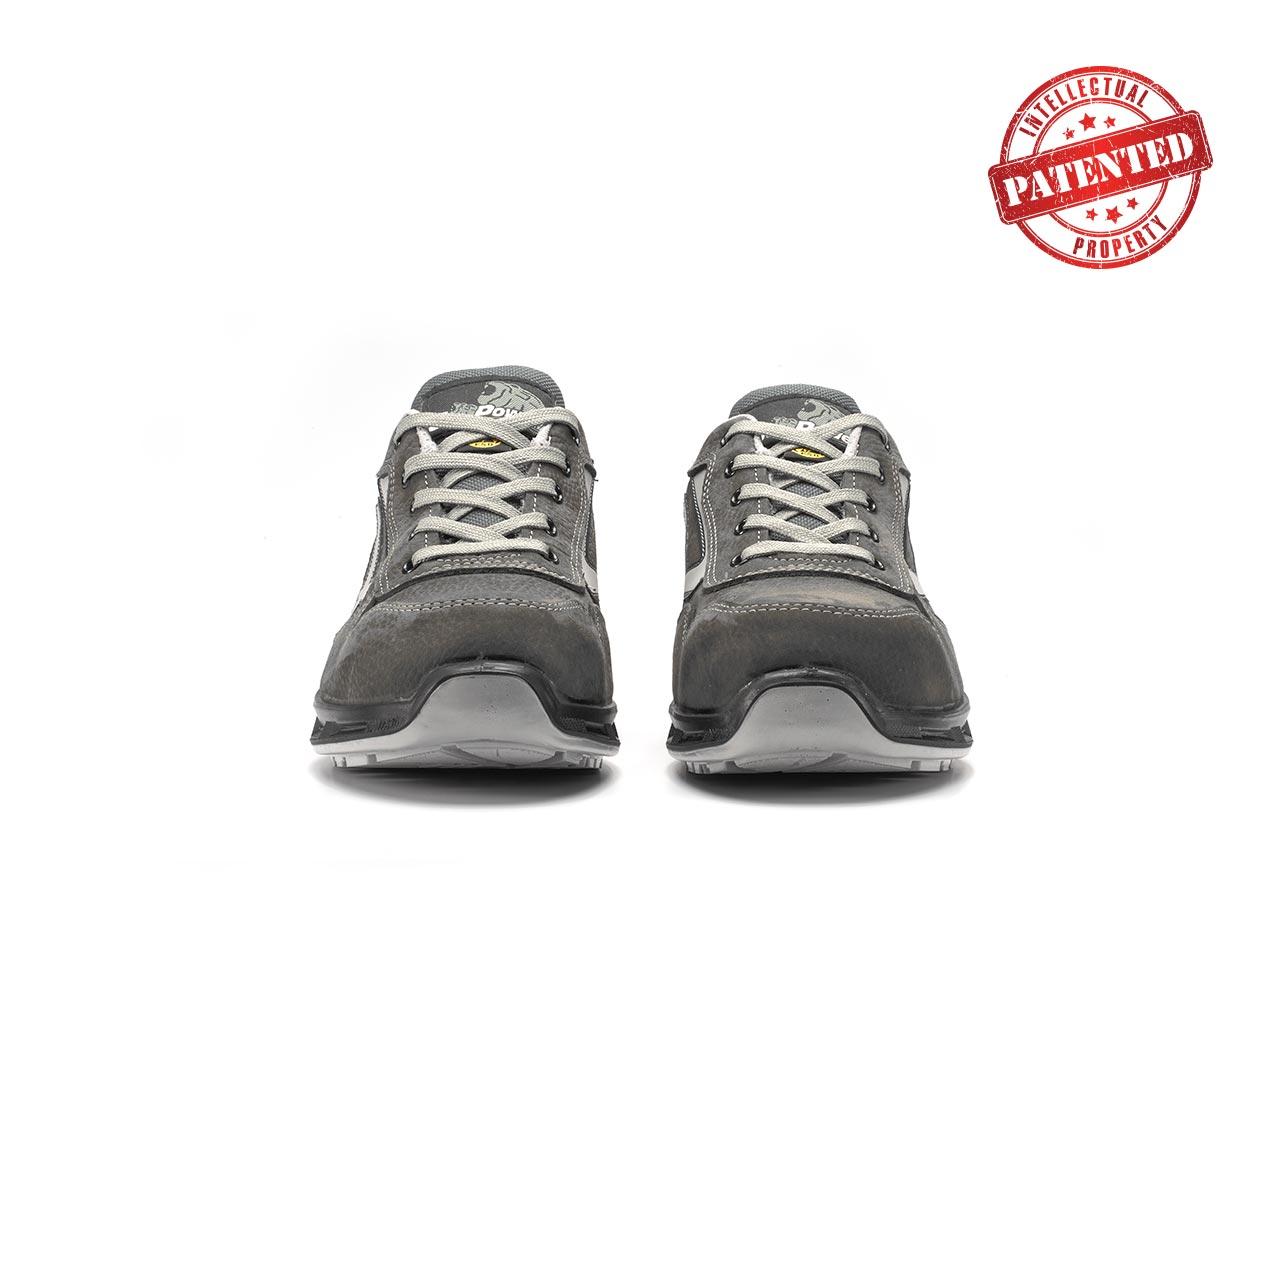 paio di scarpe antinfortunistiche upower modello kick linea redlion vista frontale